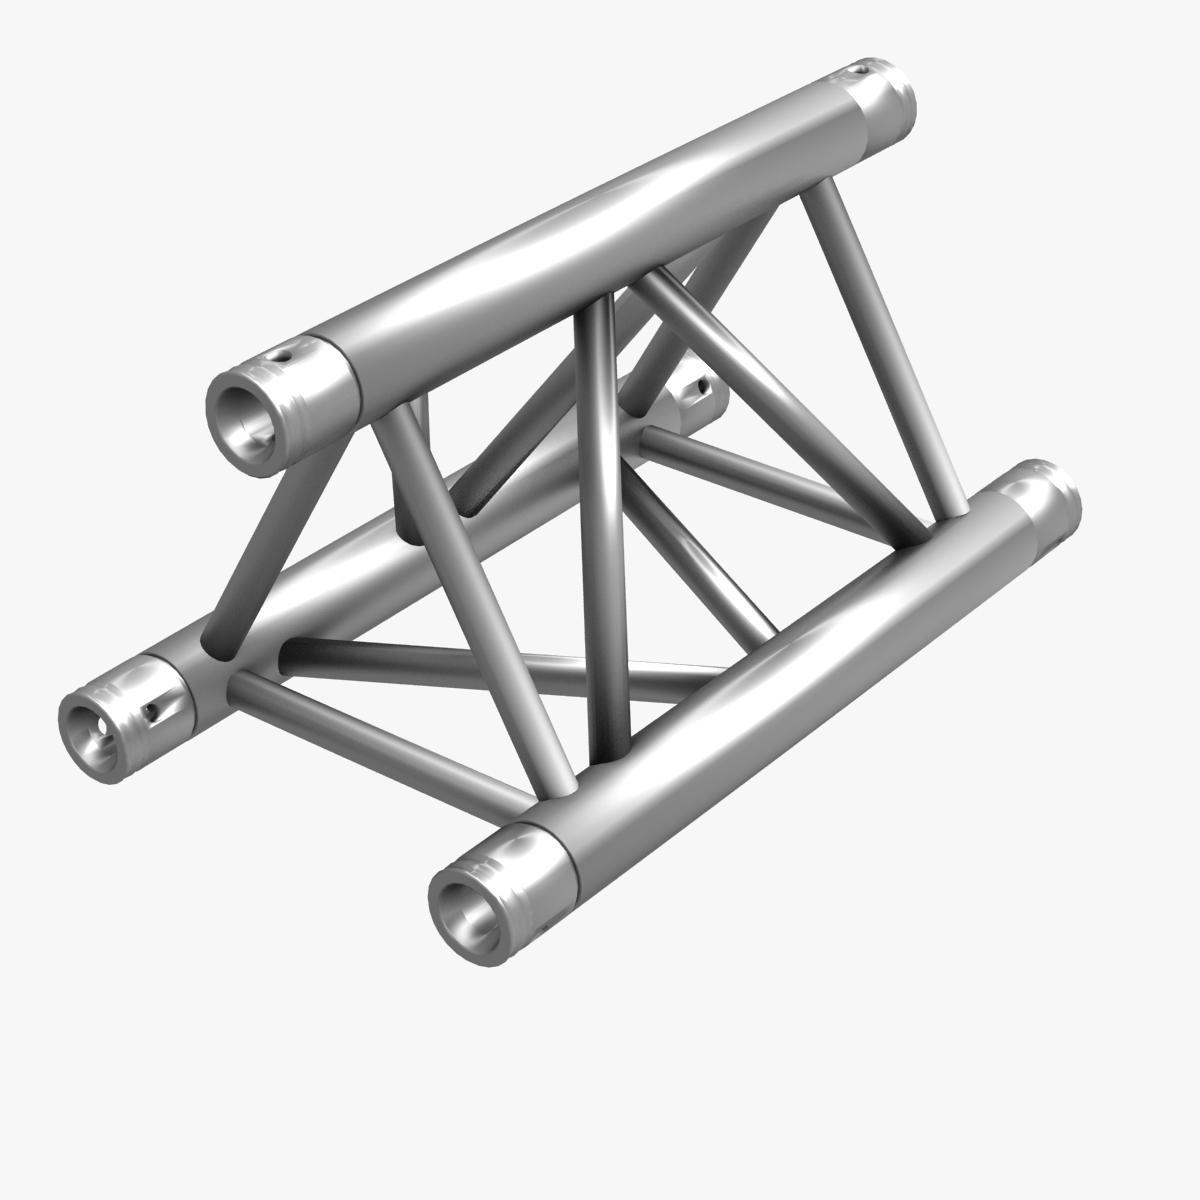 Triangular Truss Straight Segment 71 3d model 3ds max dxf fbx b3d c4d  obj 268961